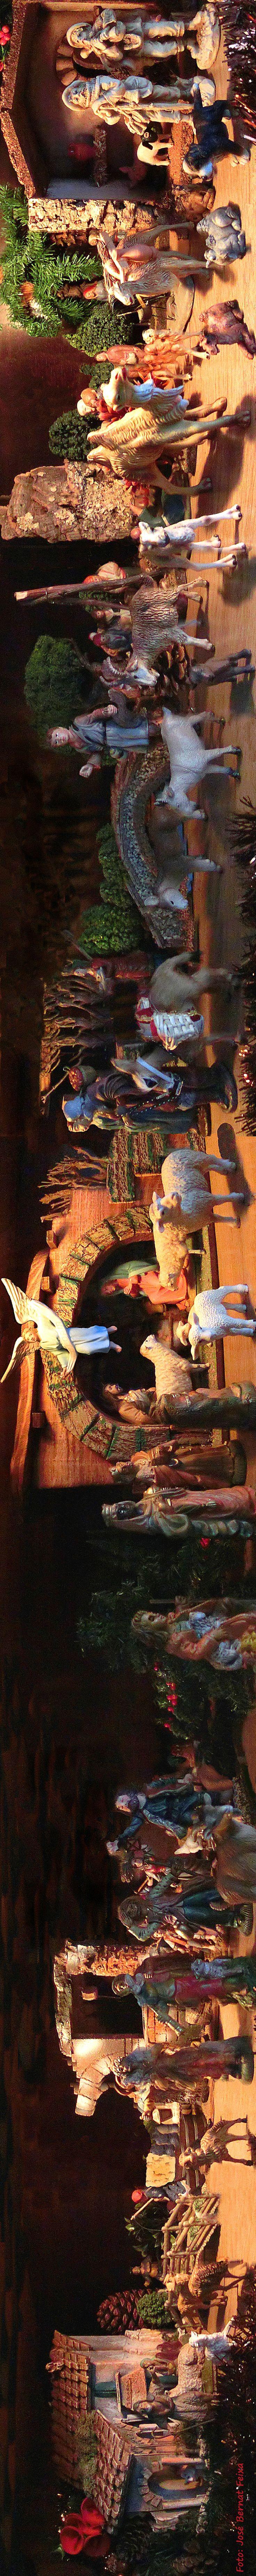 Kerststal; Pessebre; Pesebre; Belén; Christmas crib